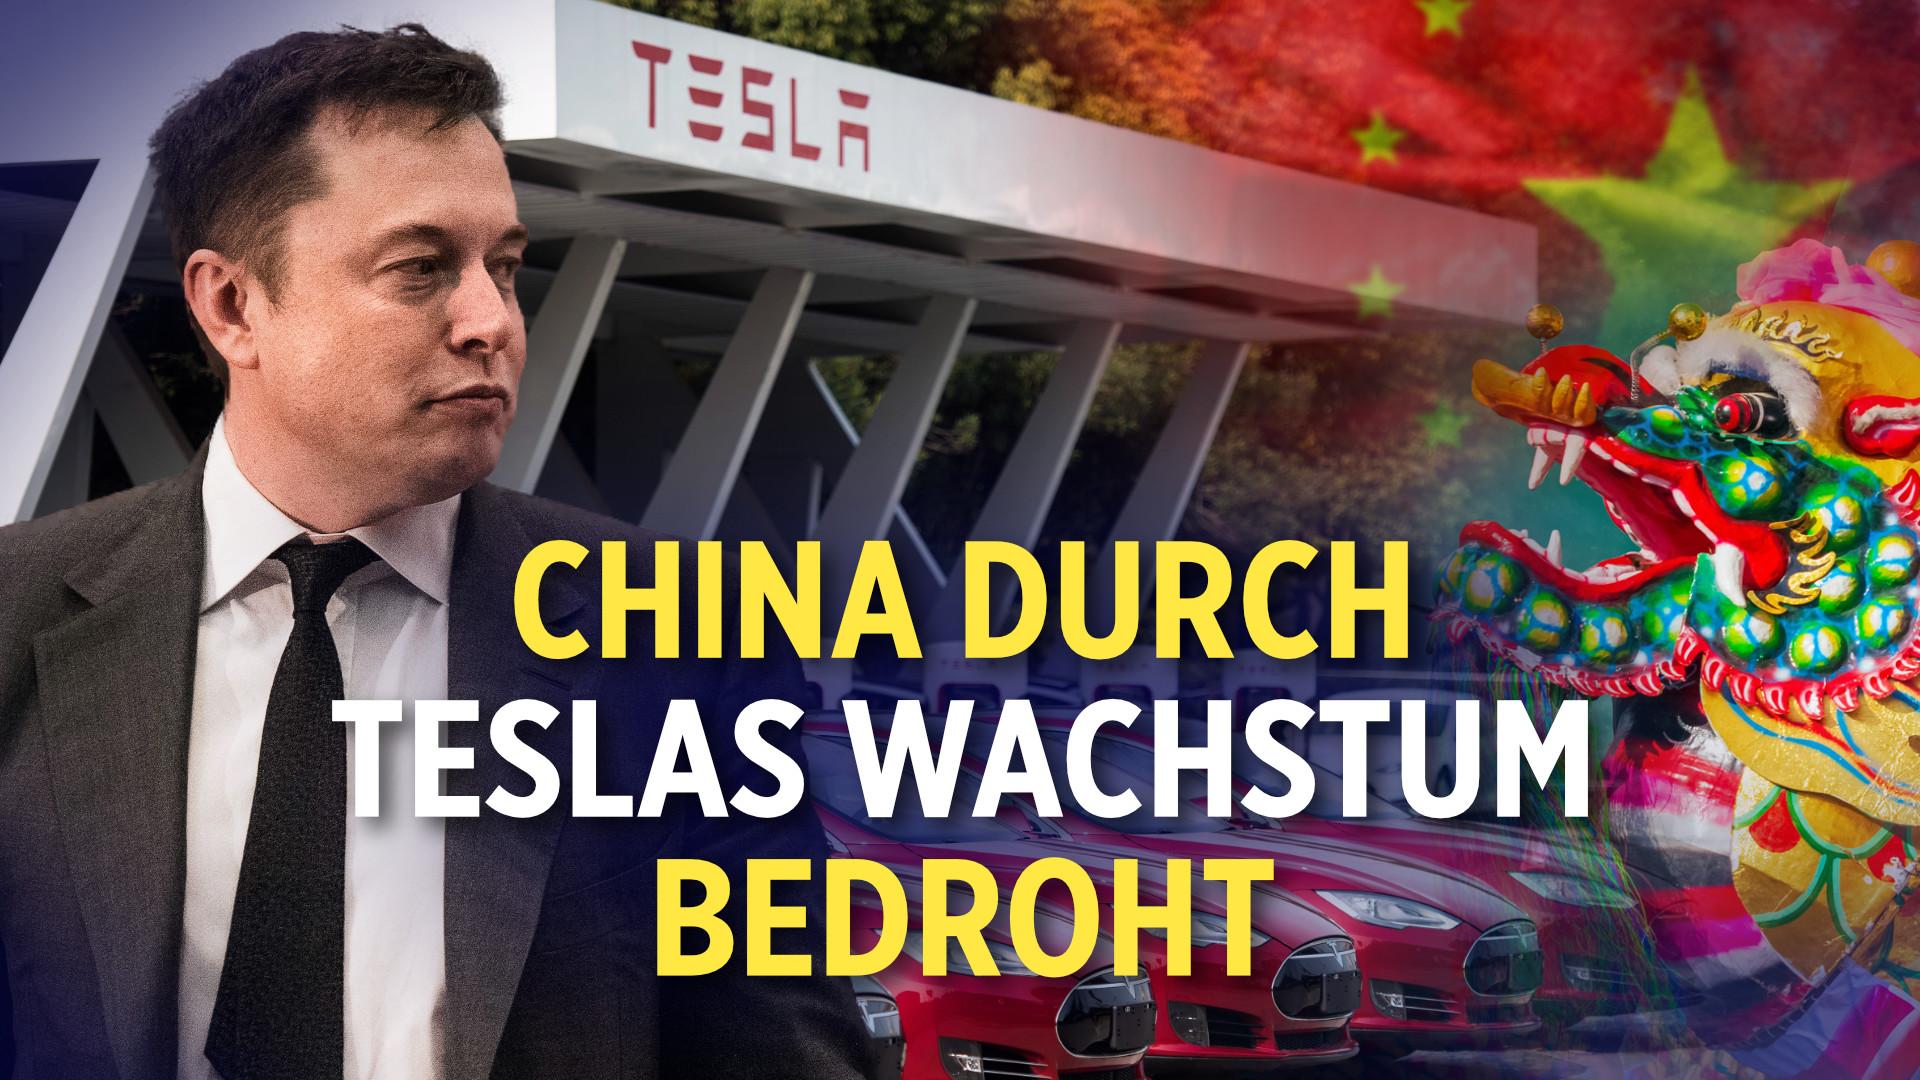 Polen: Gesetz könnte Big Tech für Zensur bestrafen | Experten: Peking durch Teslas Wachstum bedroht